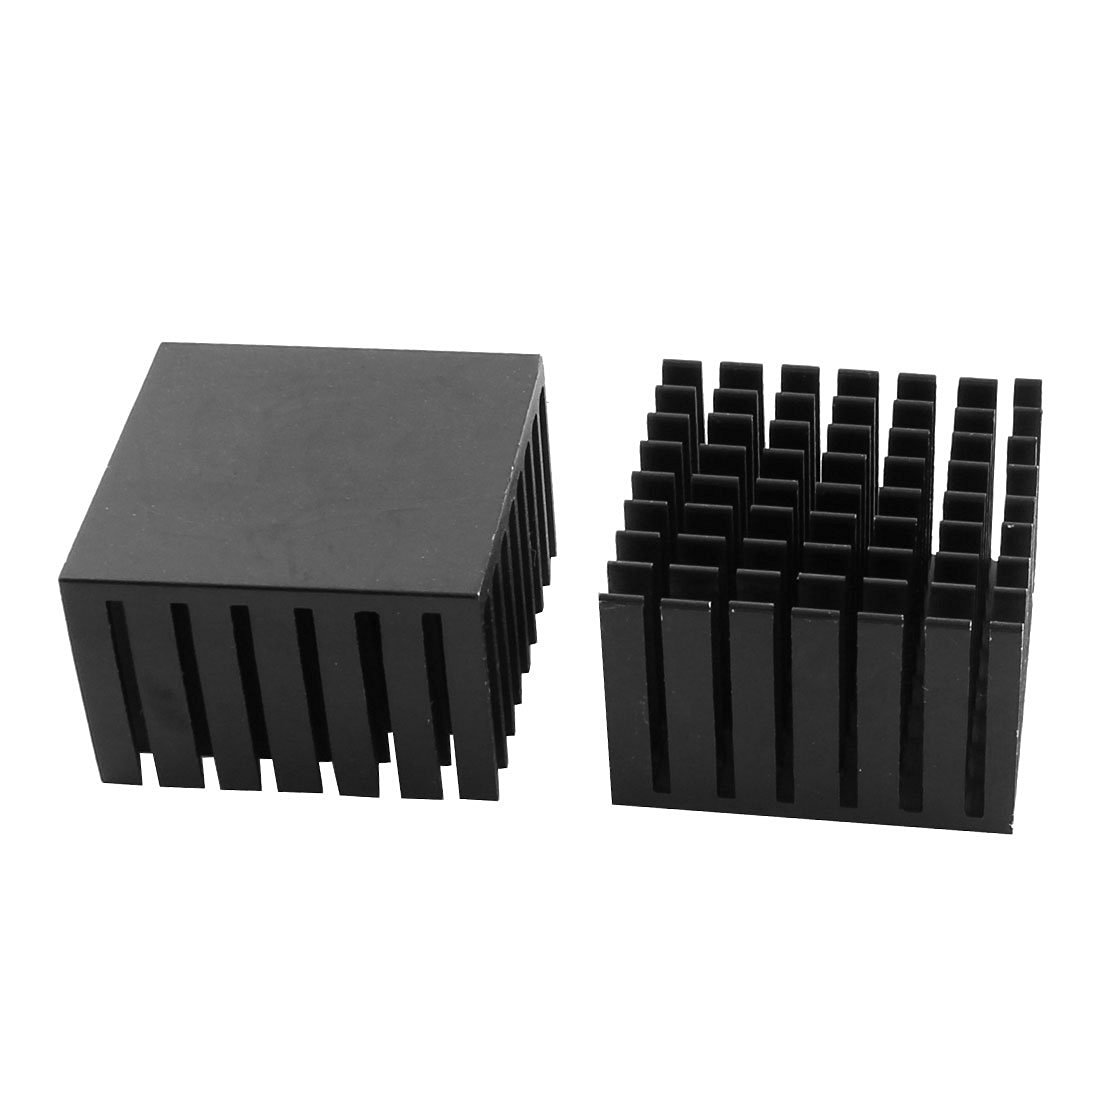 uxcell 8Pcs 25mm x 25mm x 10mm Aluminum Heatsink Heat Diffuse Cooling Fin Silver Tone